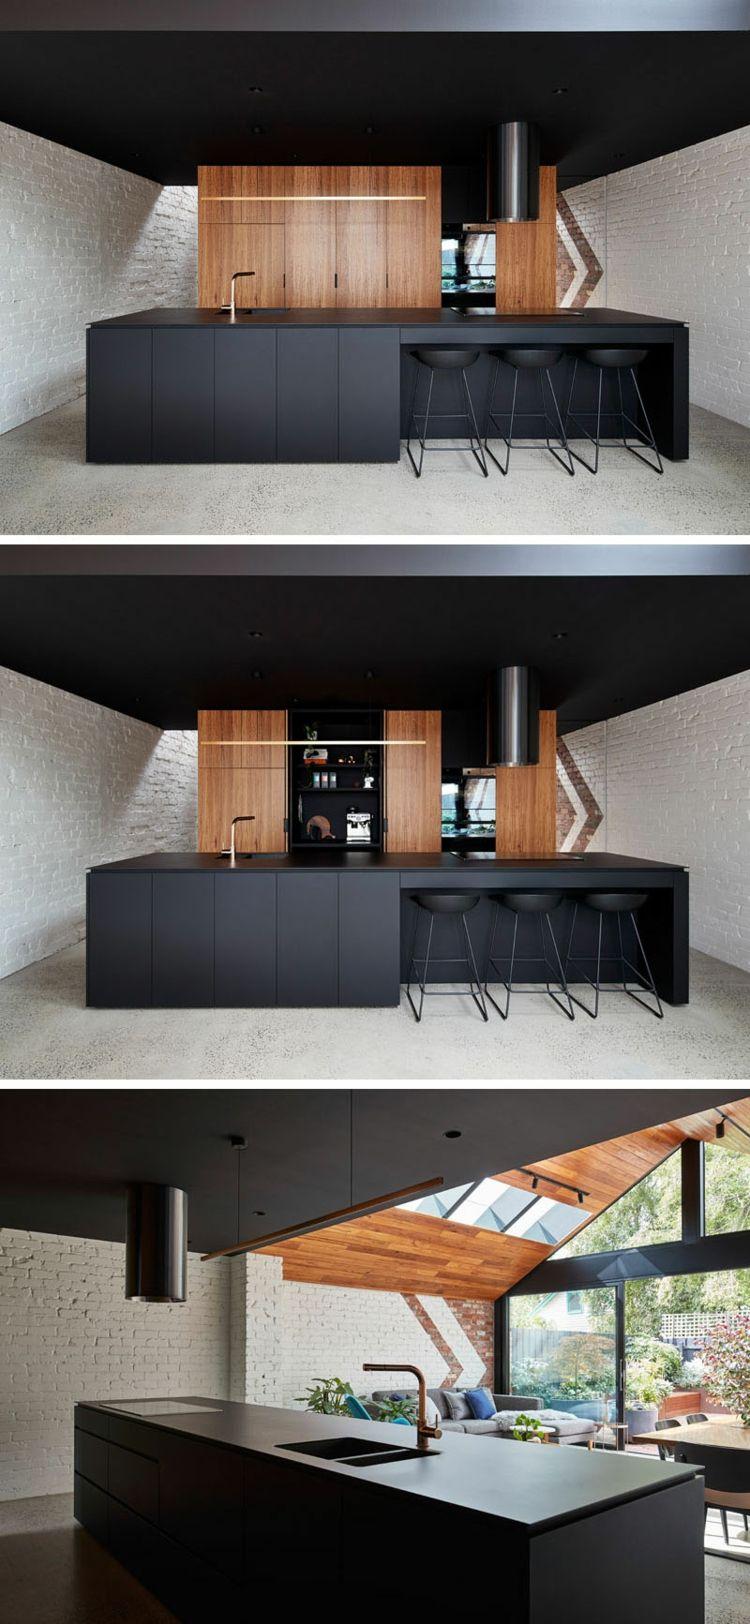 Küchenbereich mit Kochinsel und Küchenschränke | Küche | Pinterest ...